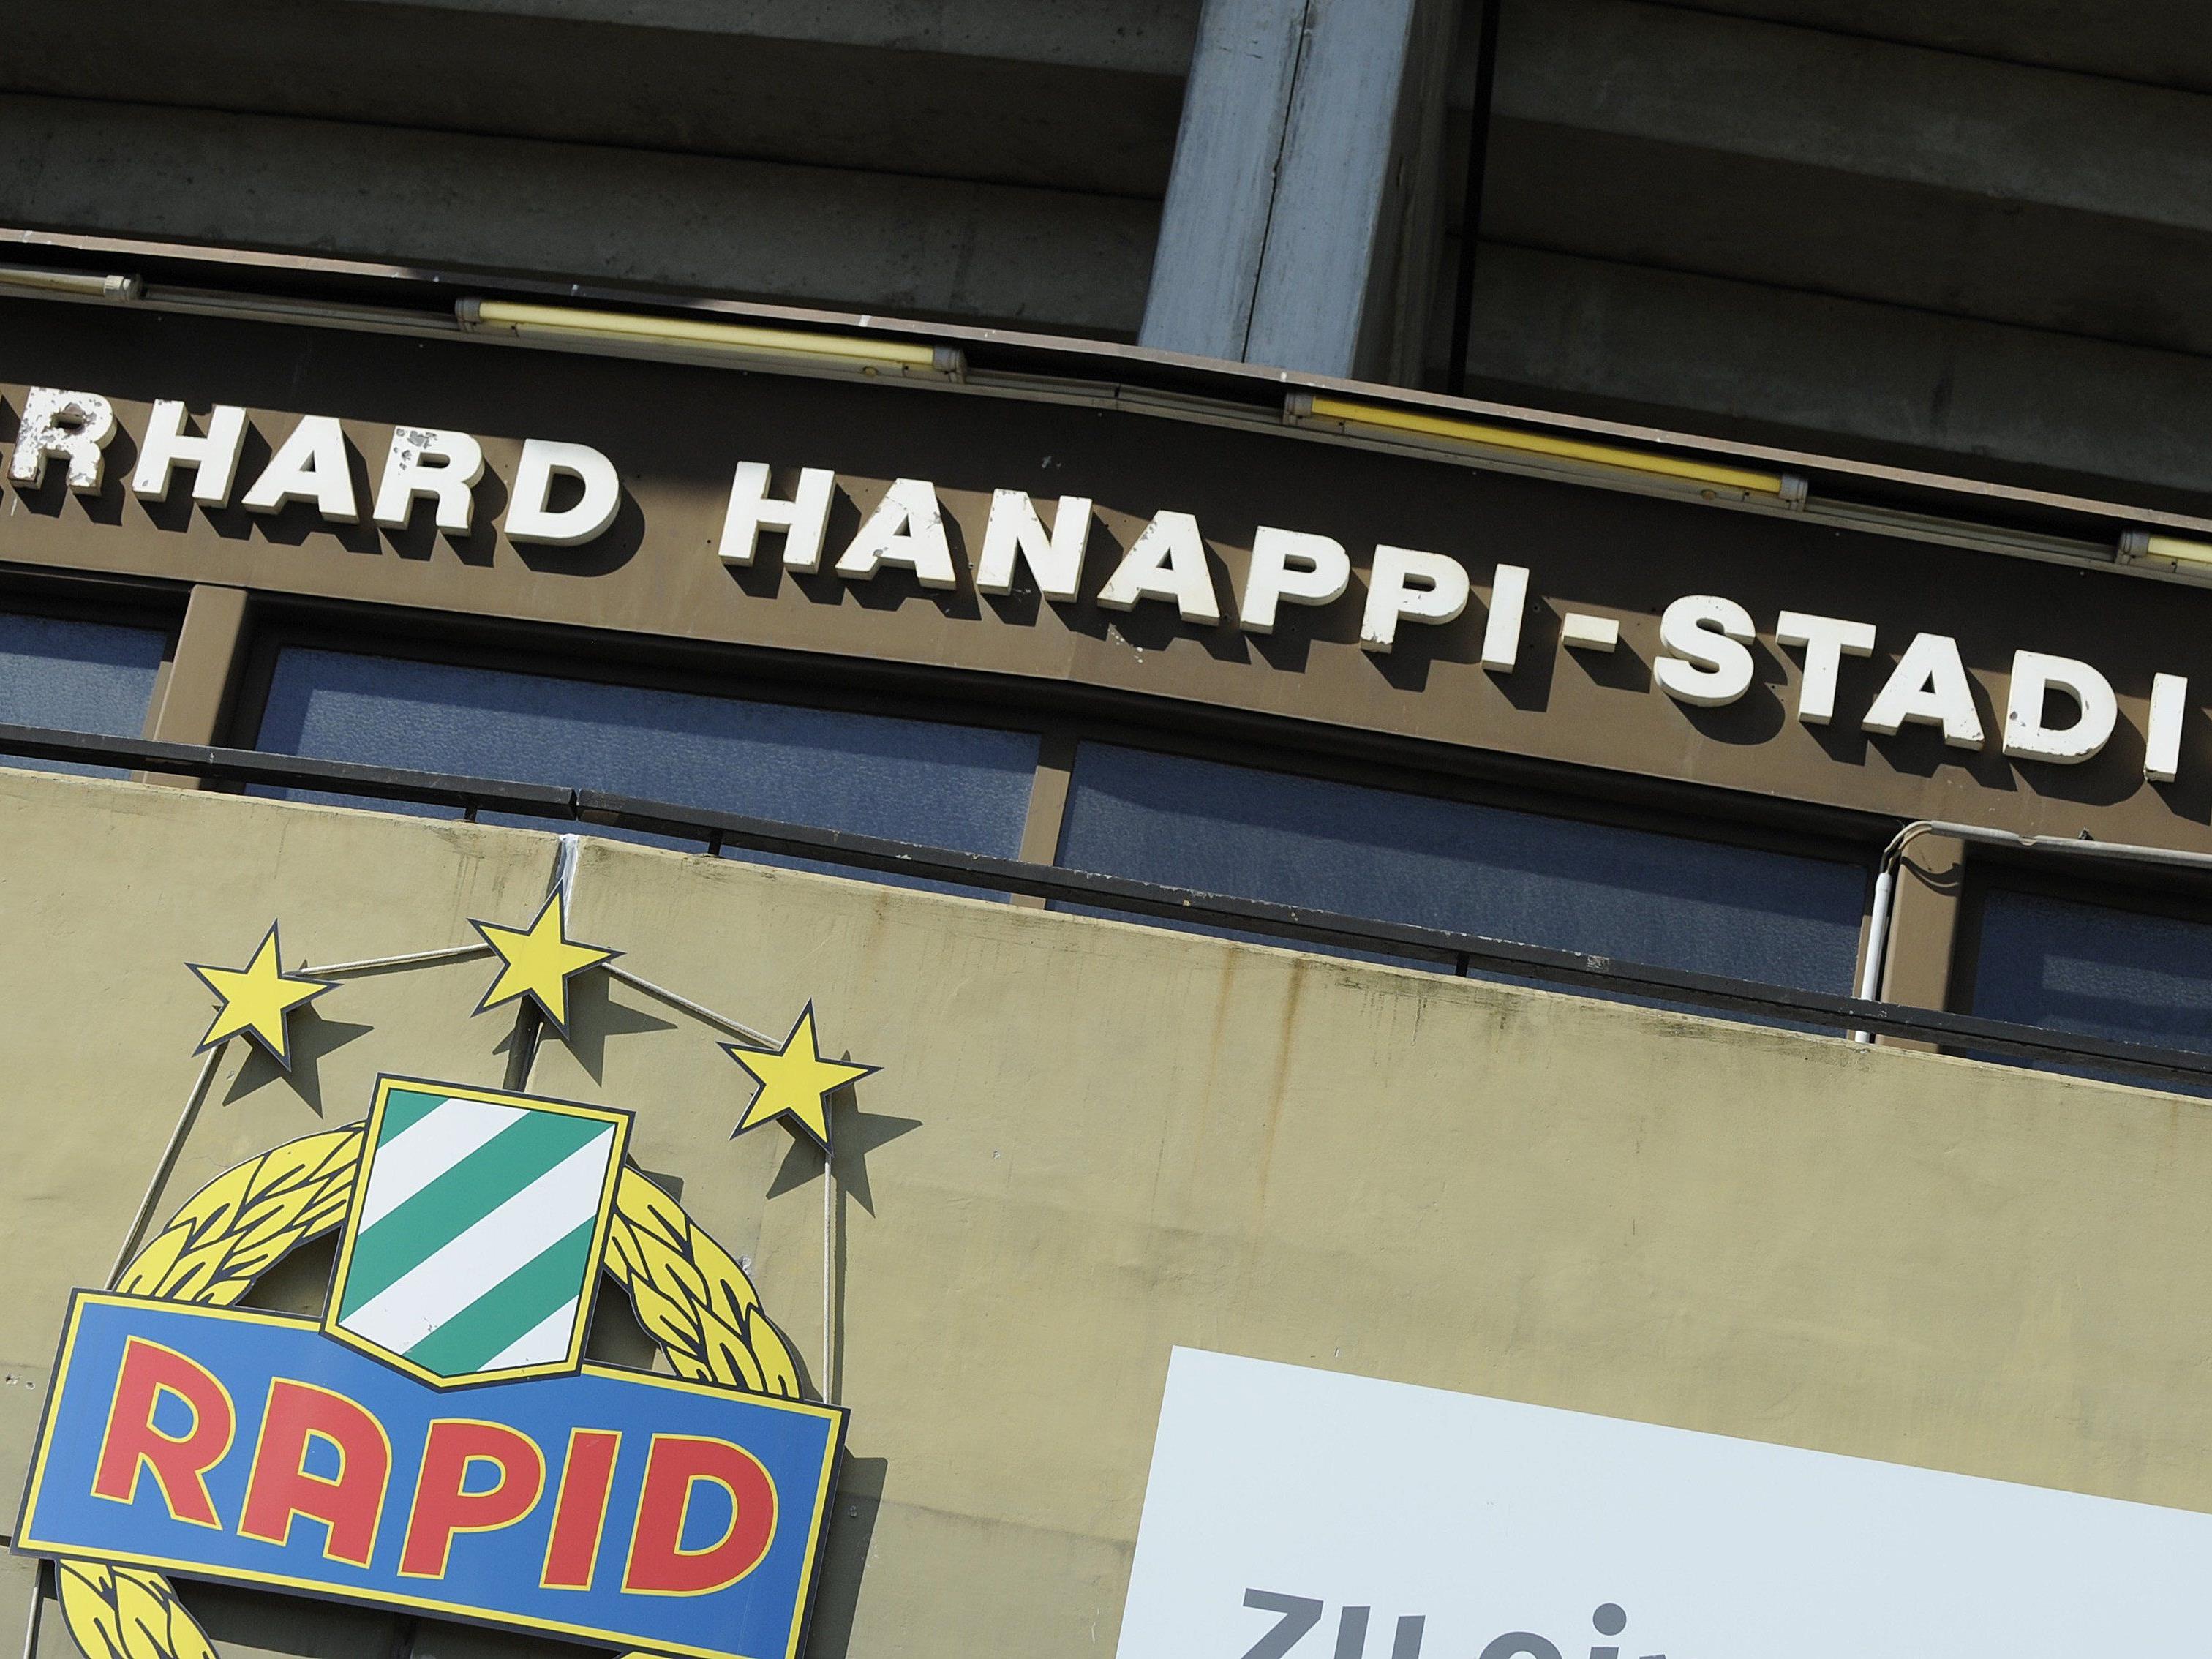 Am 4. Oktober findet im St. Hanappi eine Abrissparty für Rapid-Fans statt.